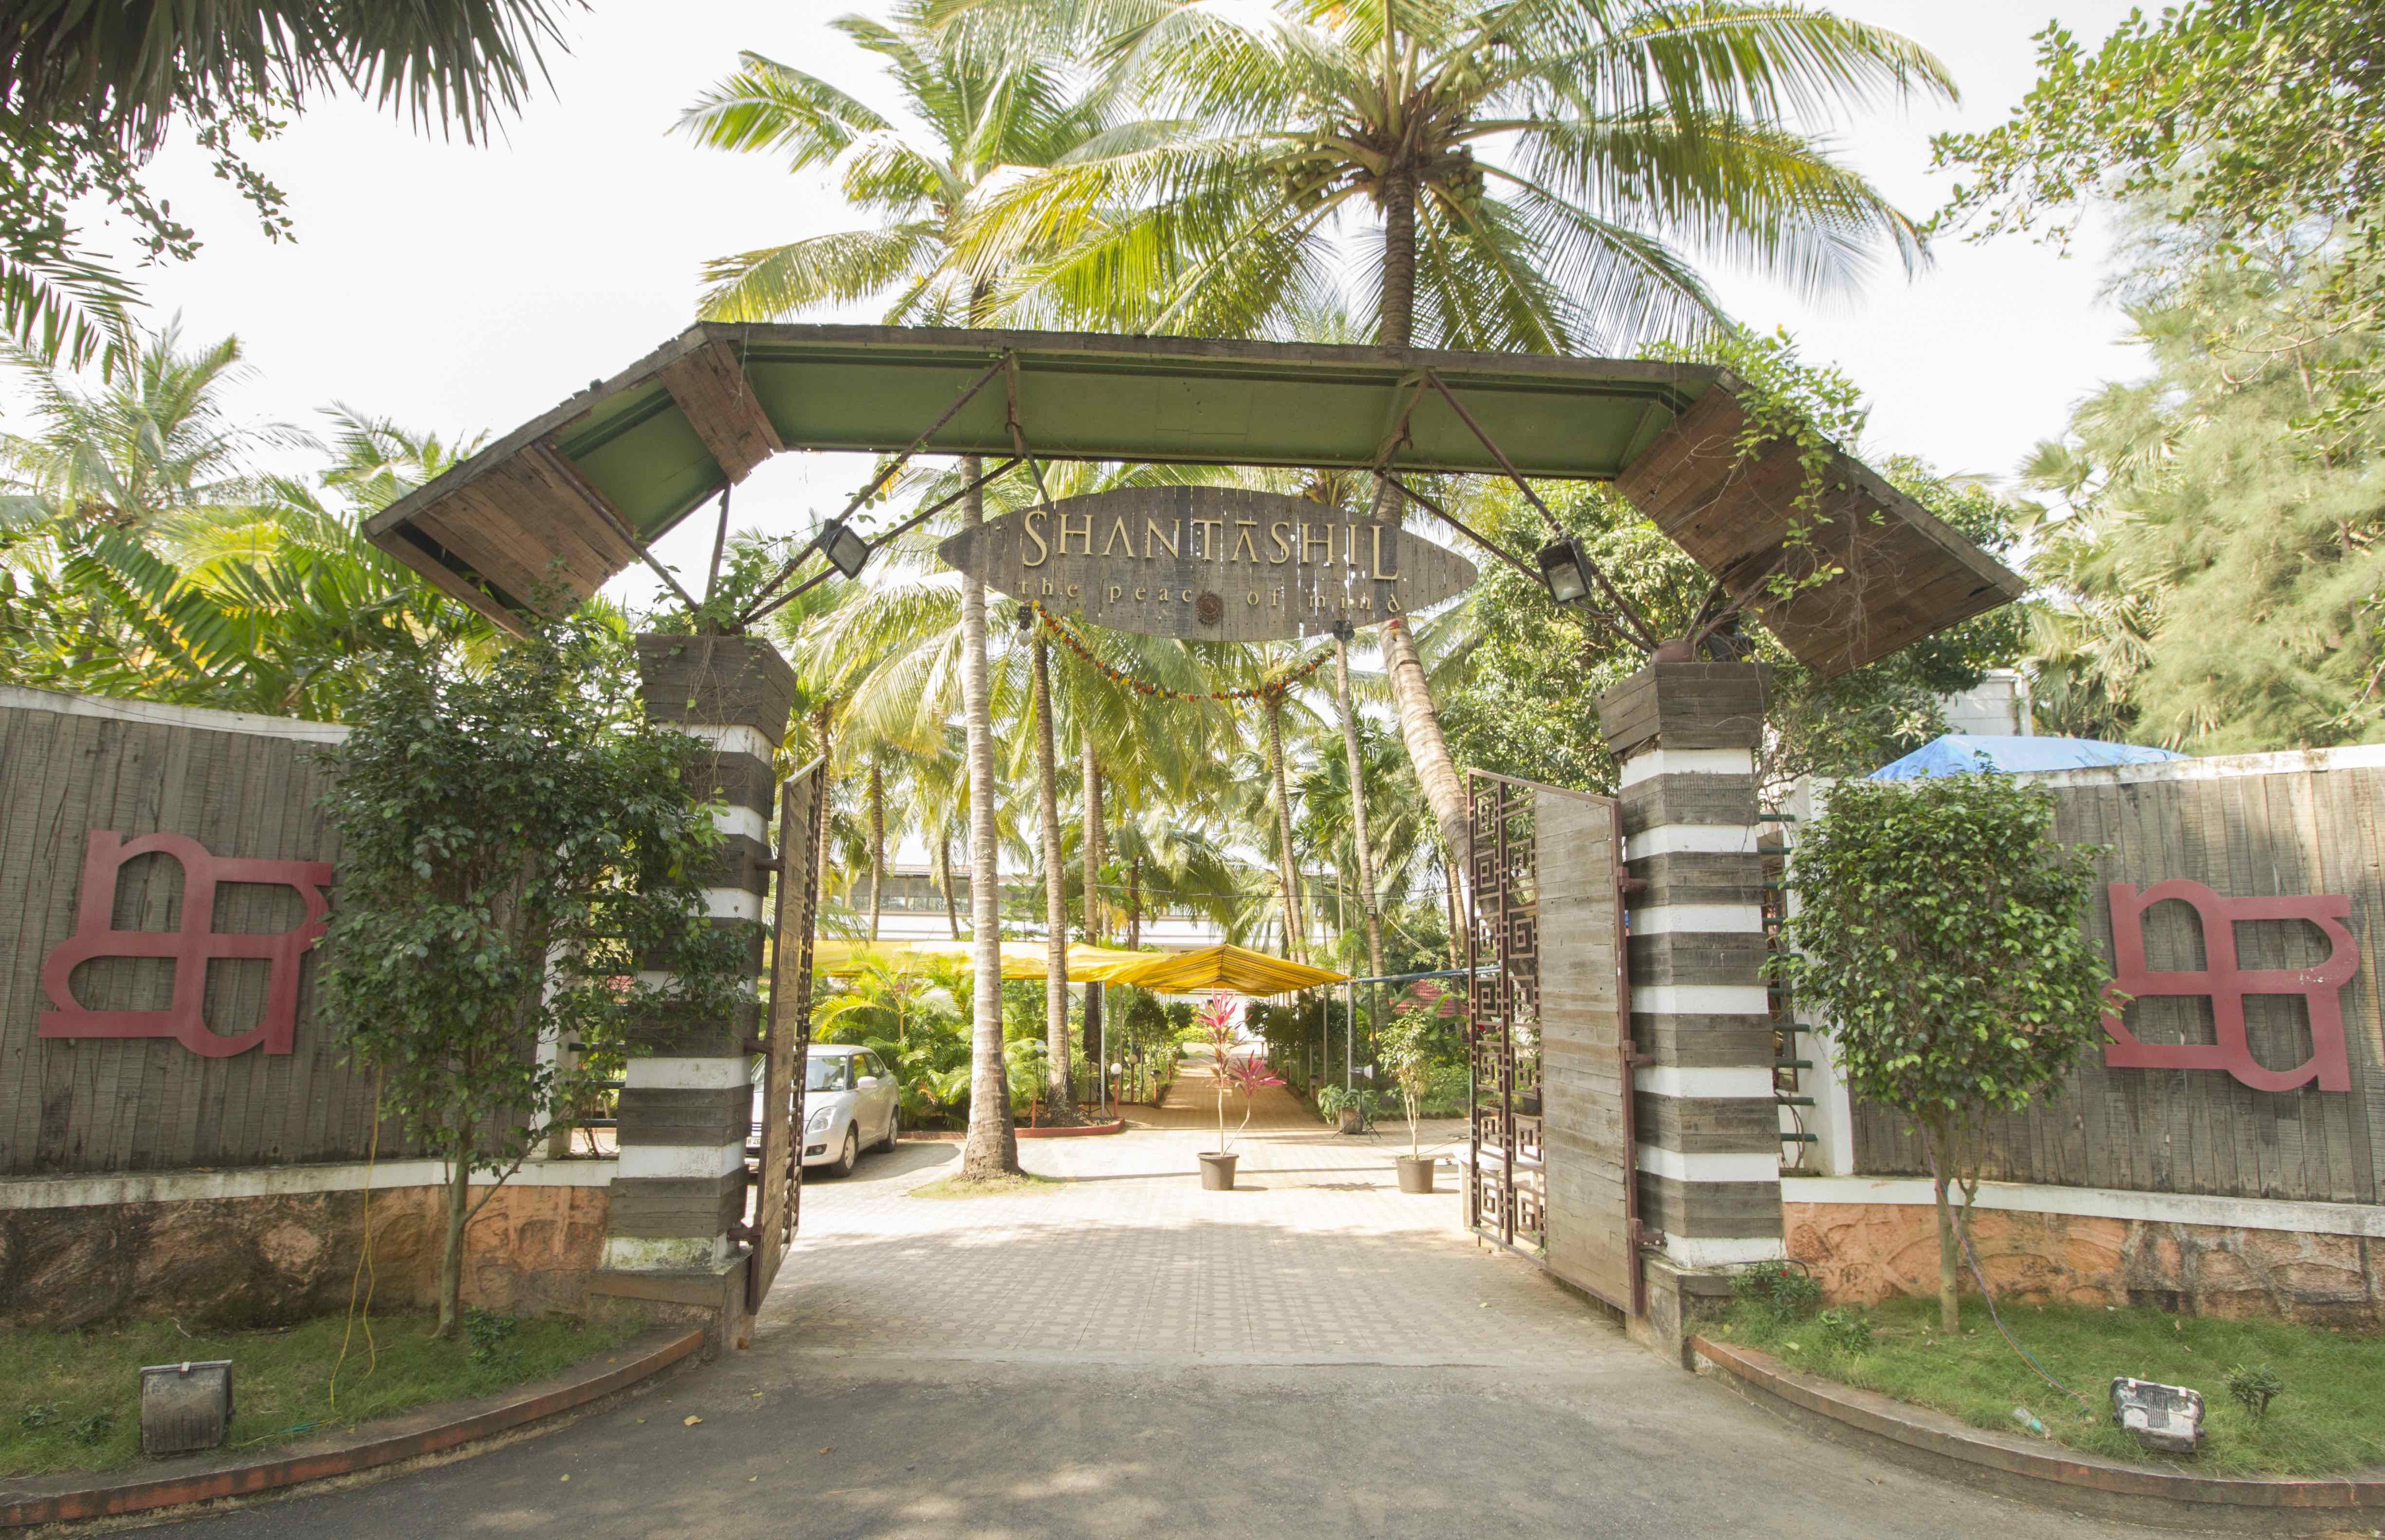 Shantashil Resort